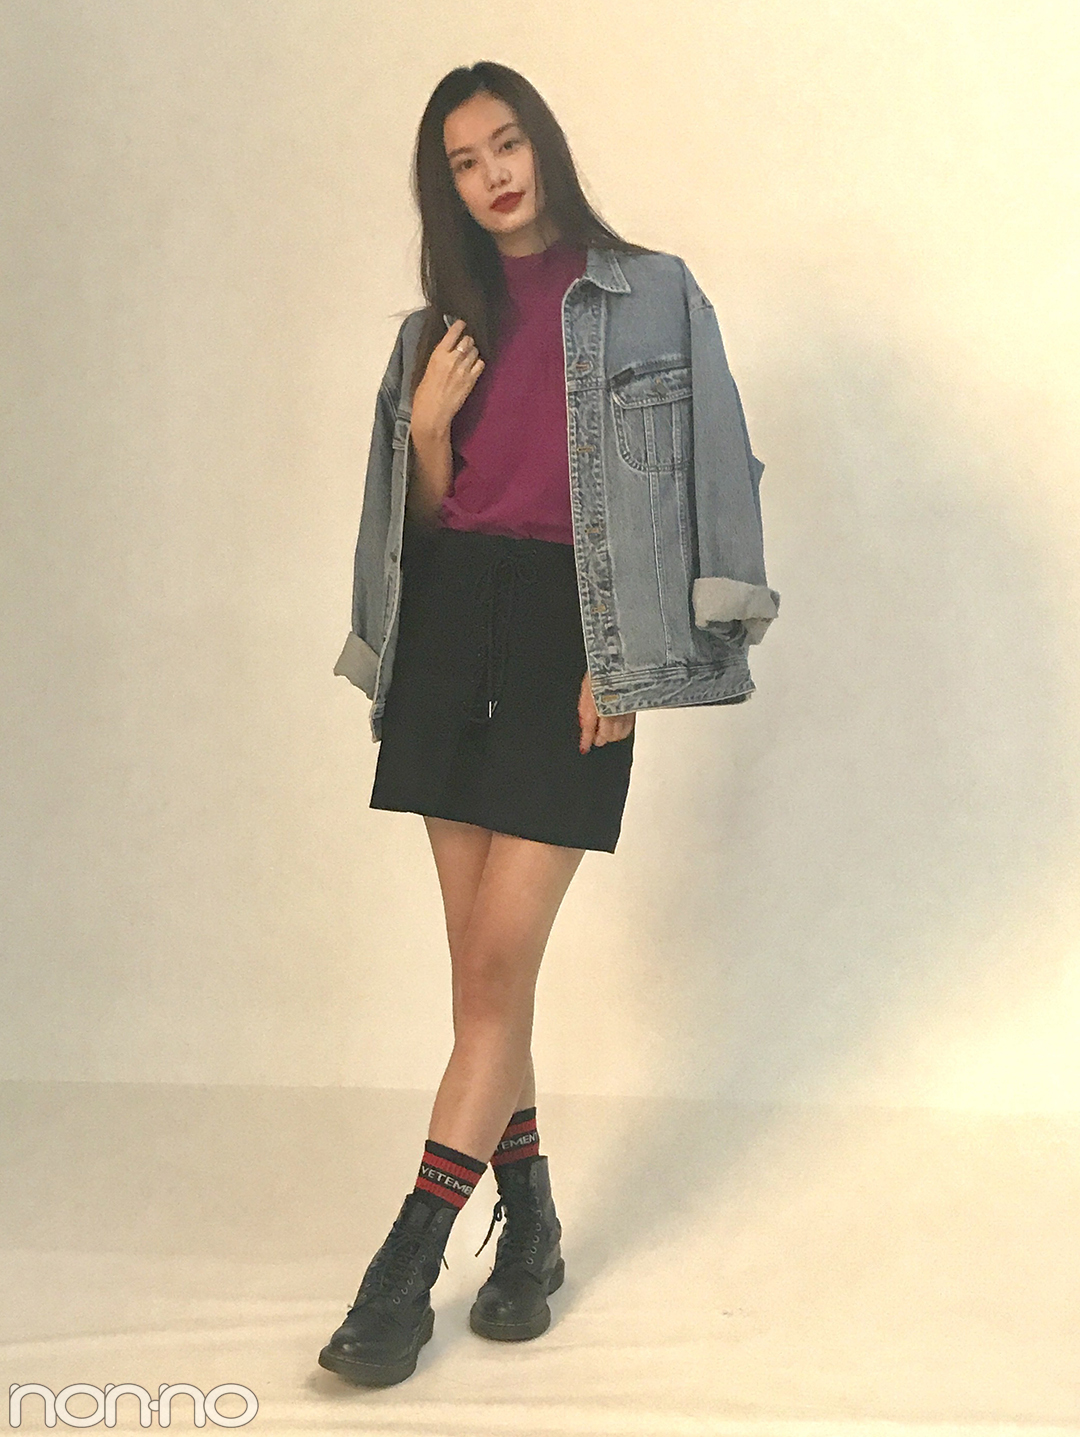 泉はるの最新コーデは秋色トップス+SLYの黒ミニ♡【モデルの私服】_1_1